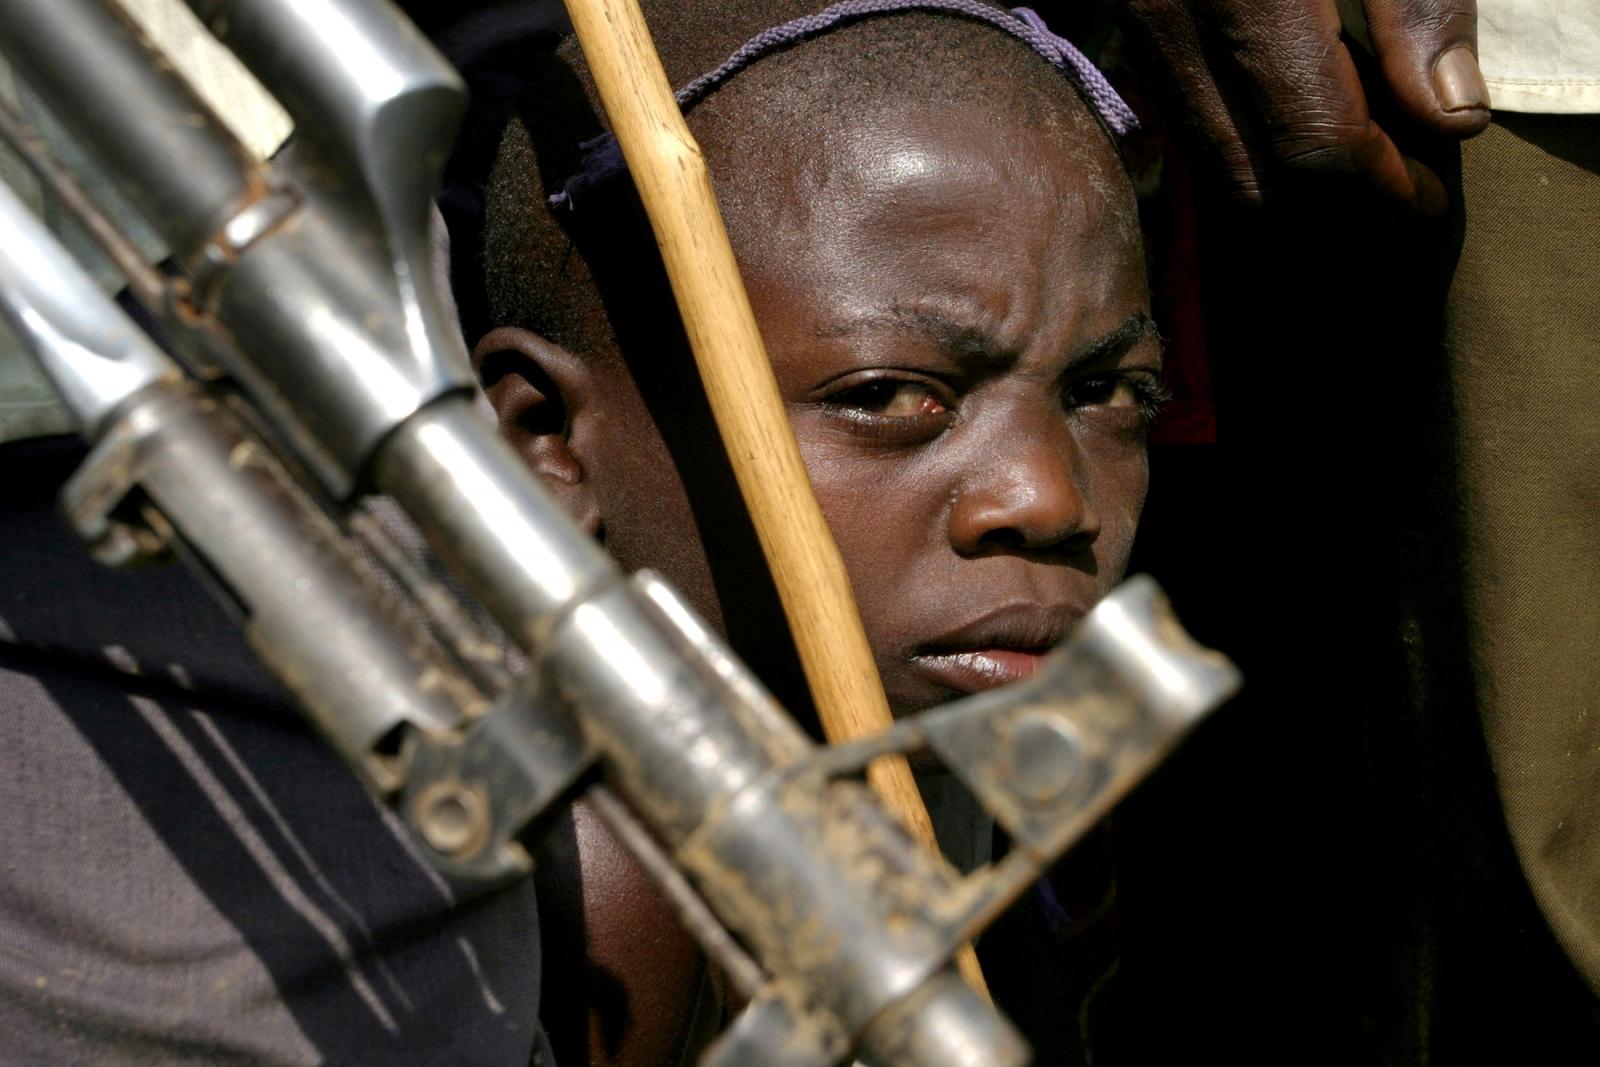 27 killed in DRC after Maï-Maï fighters target Hutu civilians in North Kivu